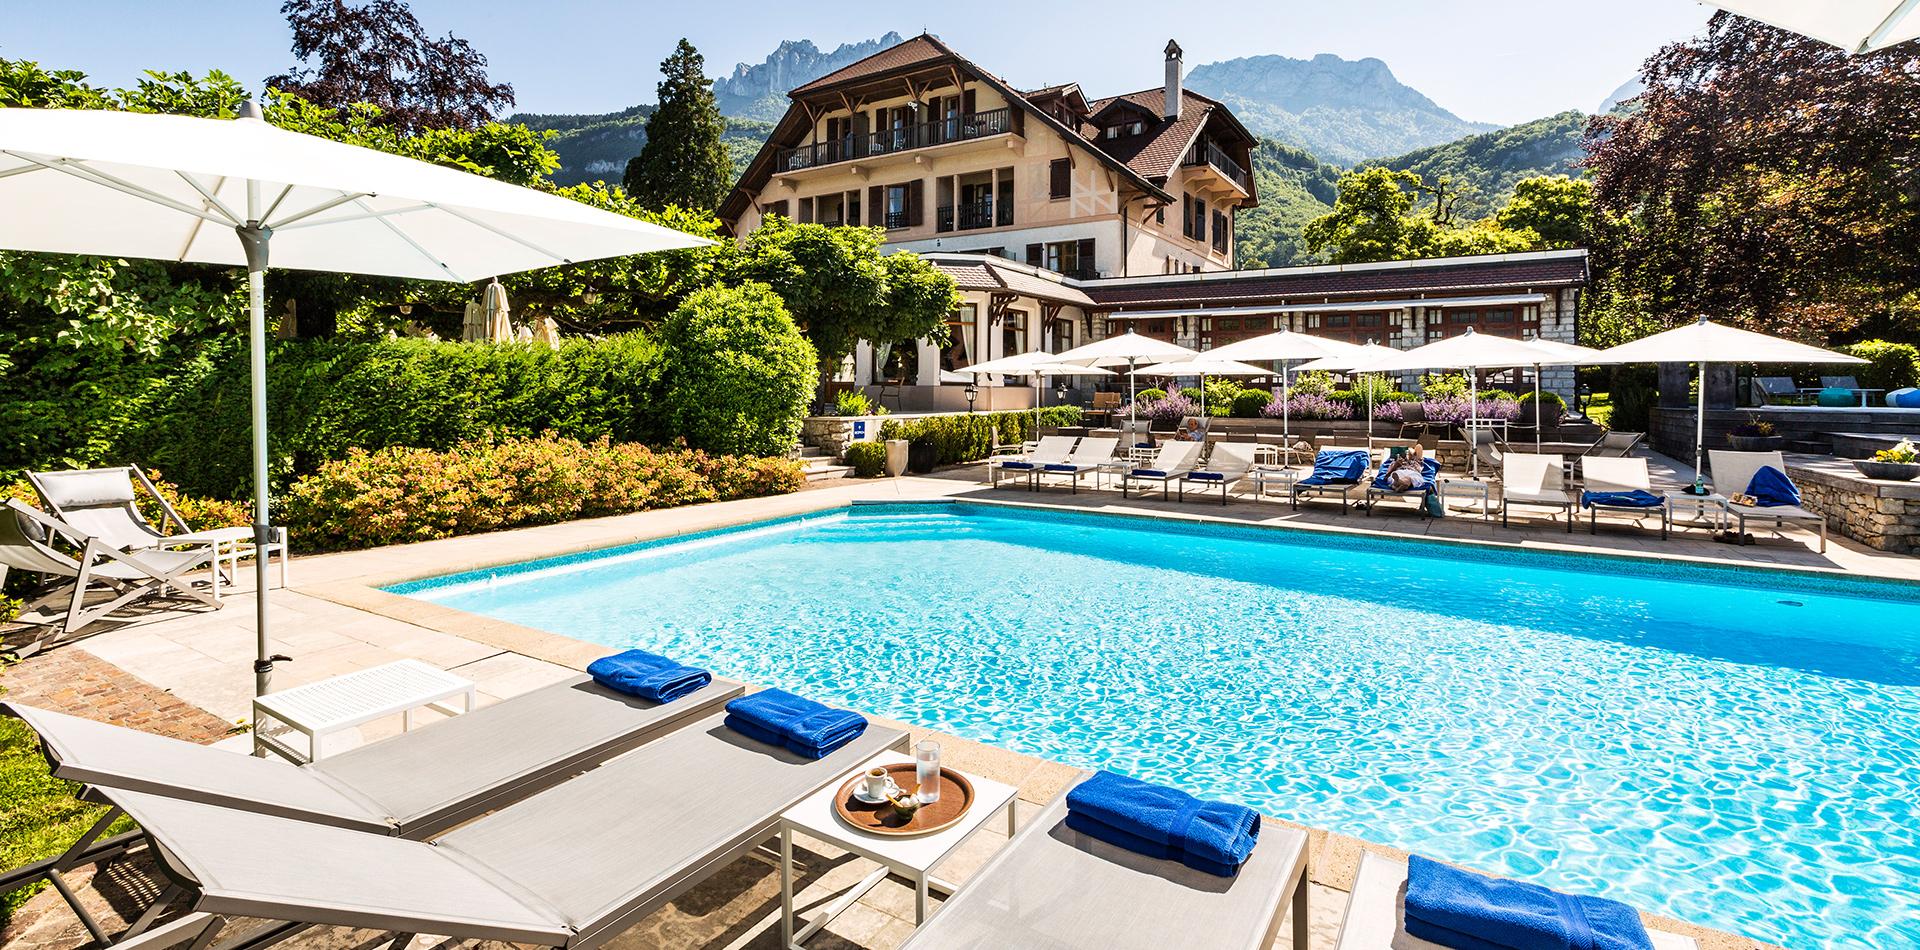 Hôtel Restaurant Avec Piscine Au Bord Du Lac Annecy pour Hotel Avec Piscine Privée Dans La Chambre France